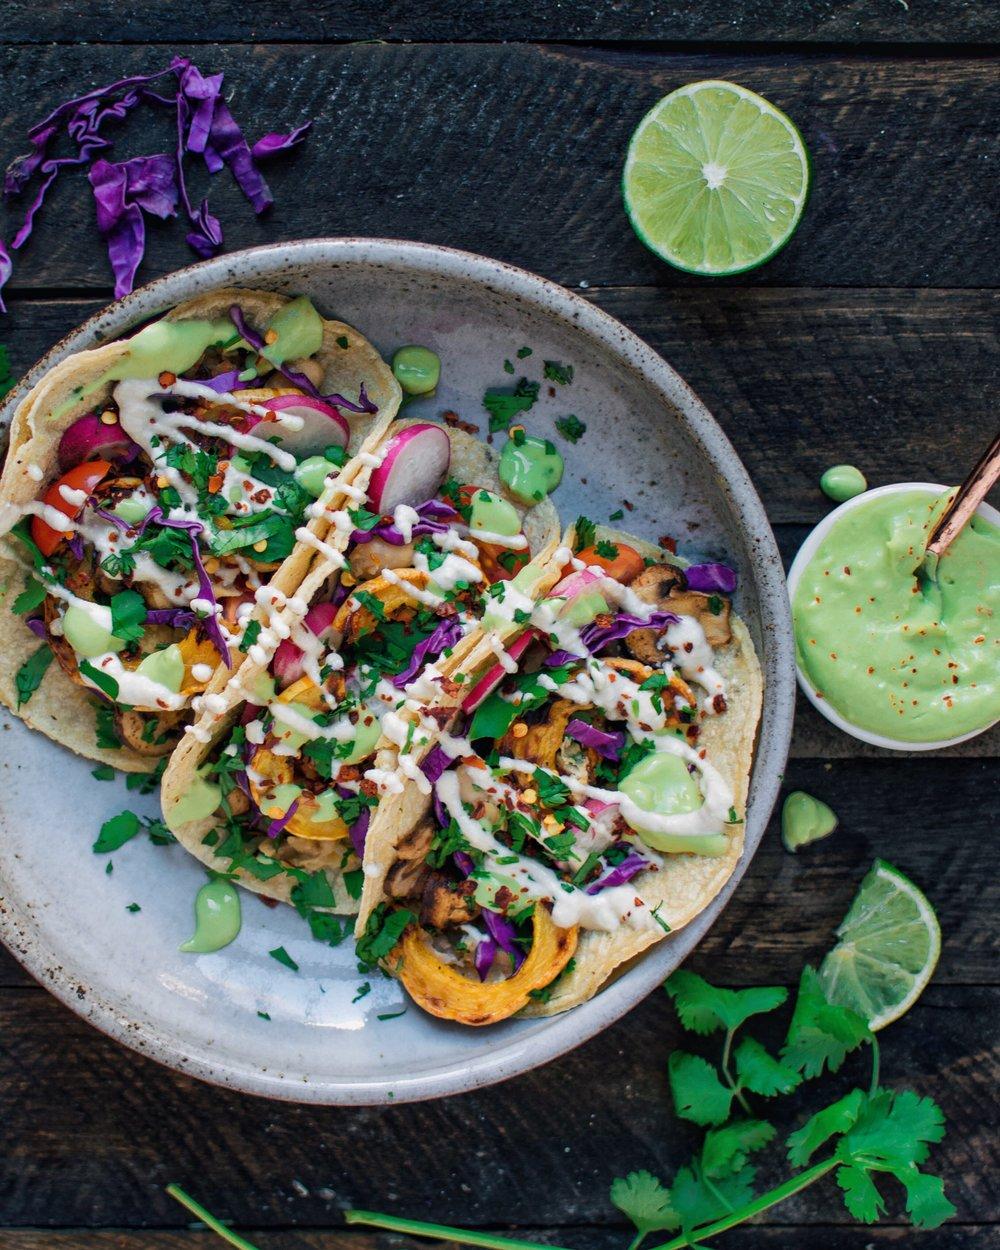 Veggie Tacos with Sour Cream & Avocado Mayo - V, GF